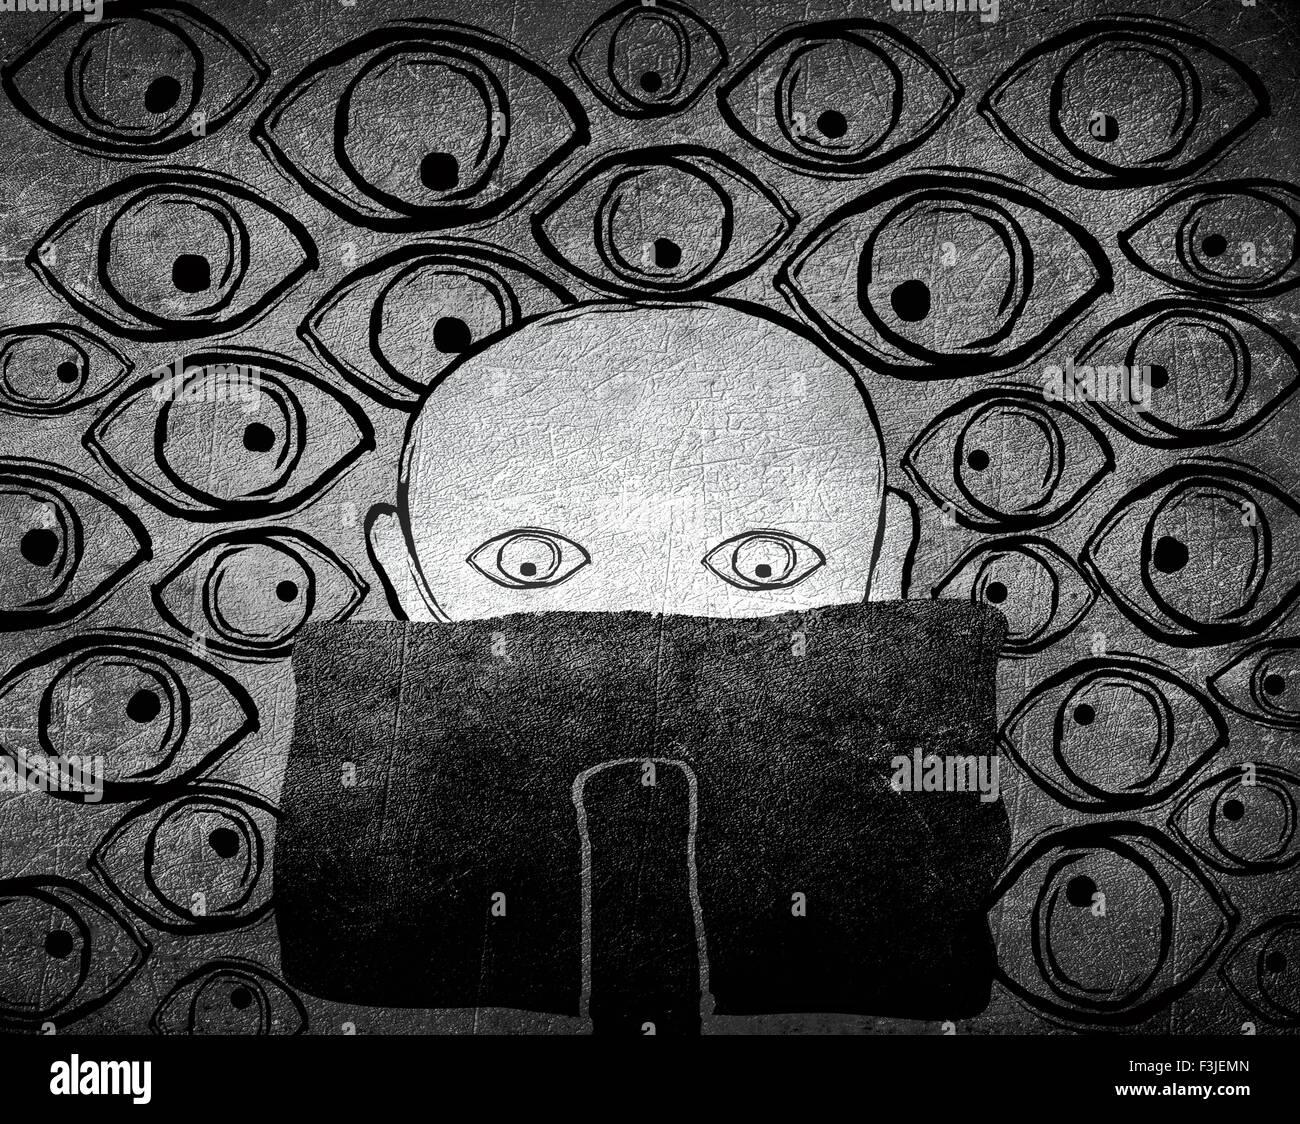 Nessun concetto di privacy in bianco e nero illustrazione digitale Immagini Stock